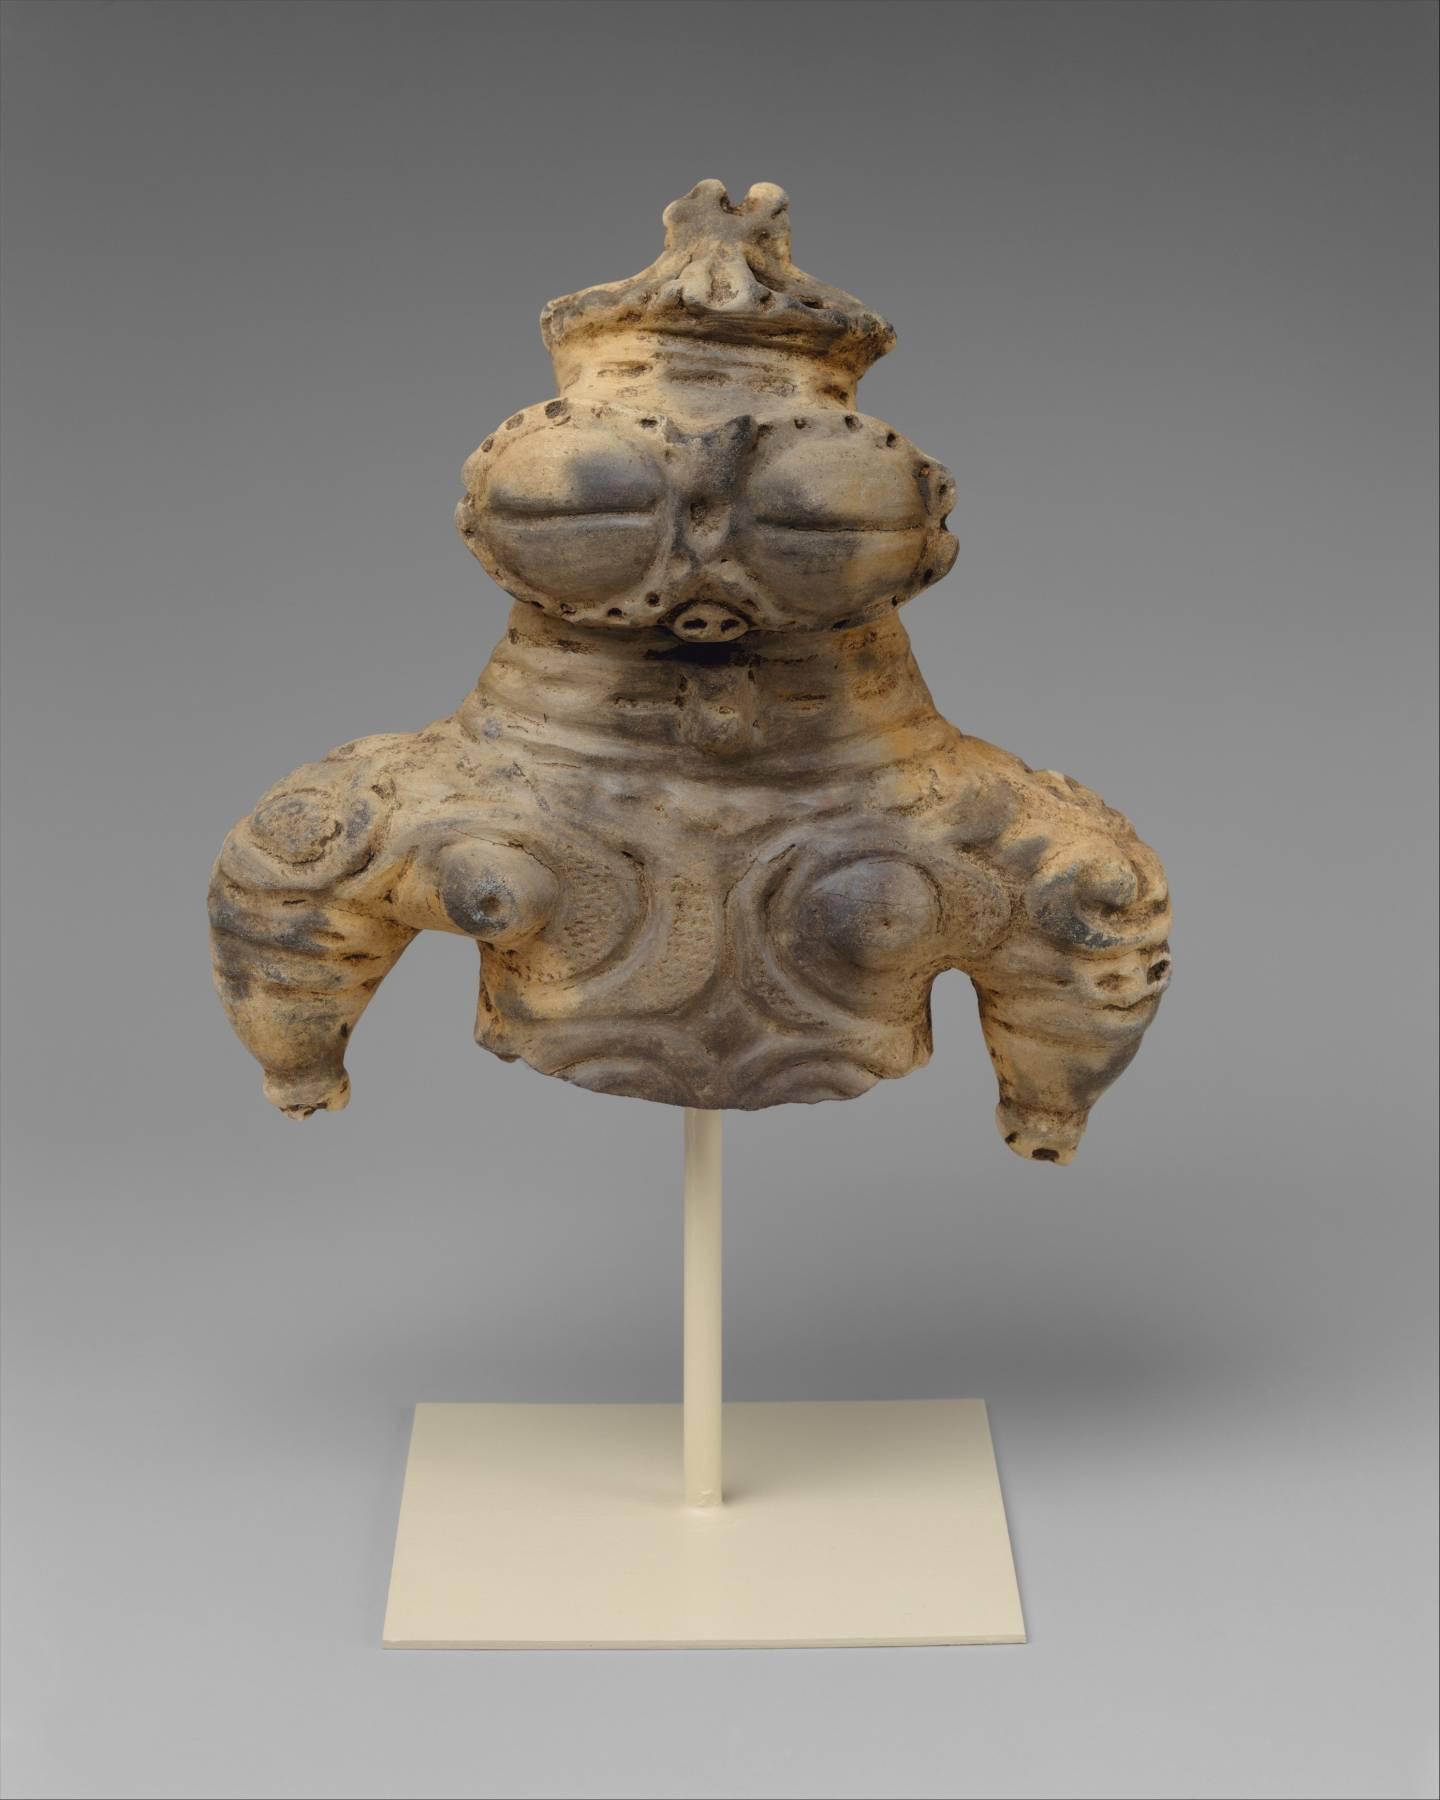 Dogū mit riesigen Augen aus der Späten Jōmon-Zeit (1000-300 v. Chr.)